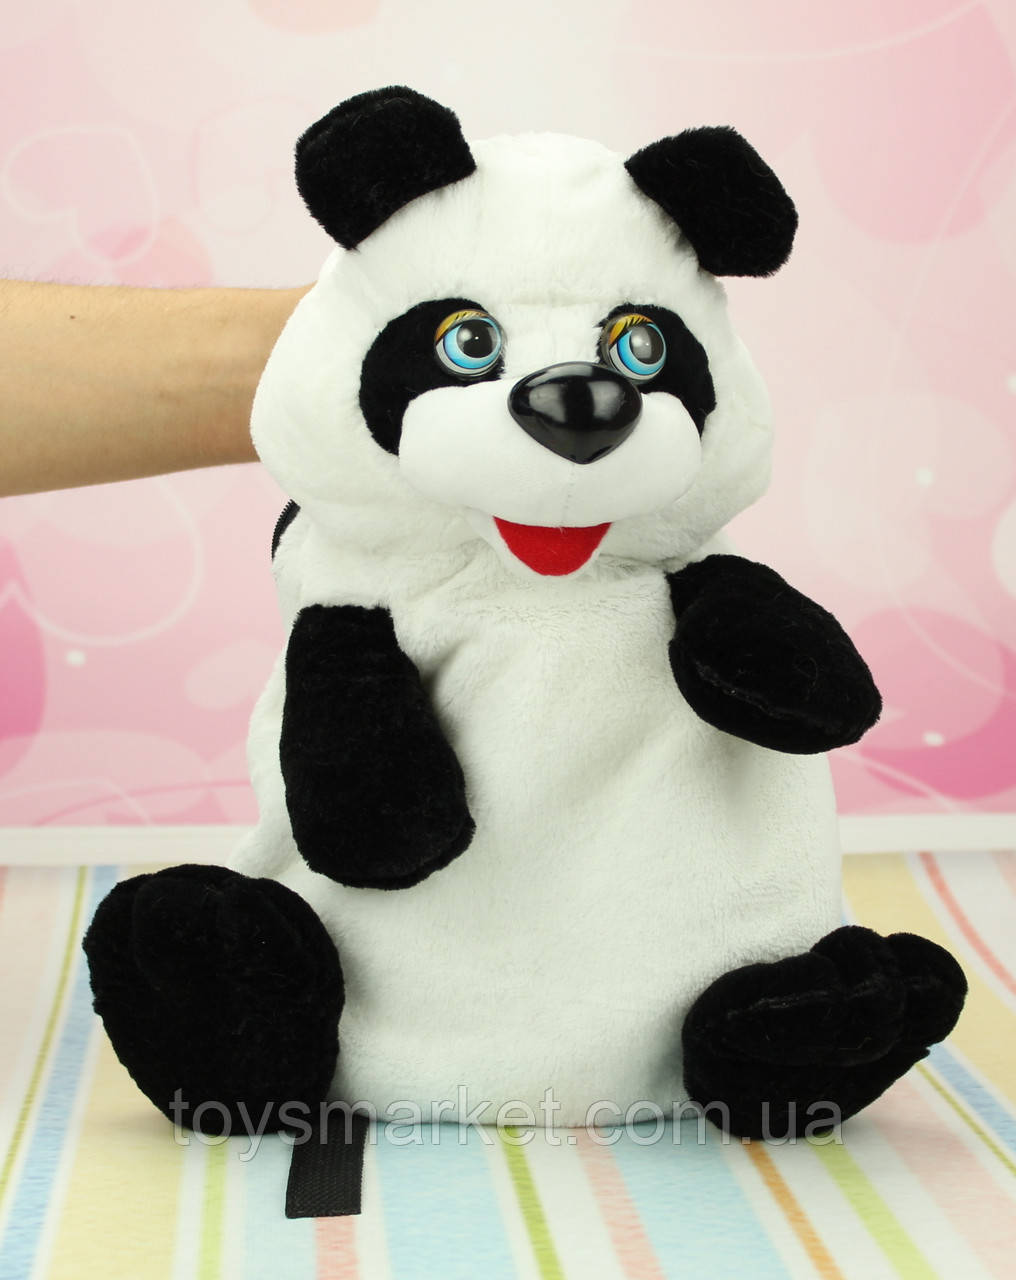 Детский рюкзак Панда, 31 см.